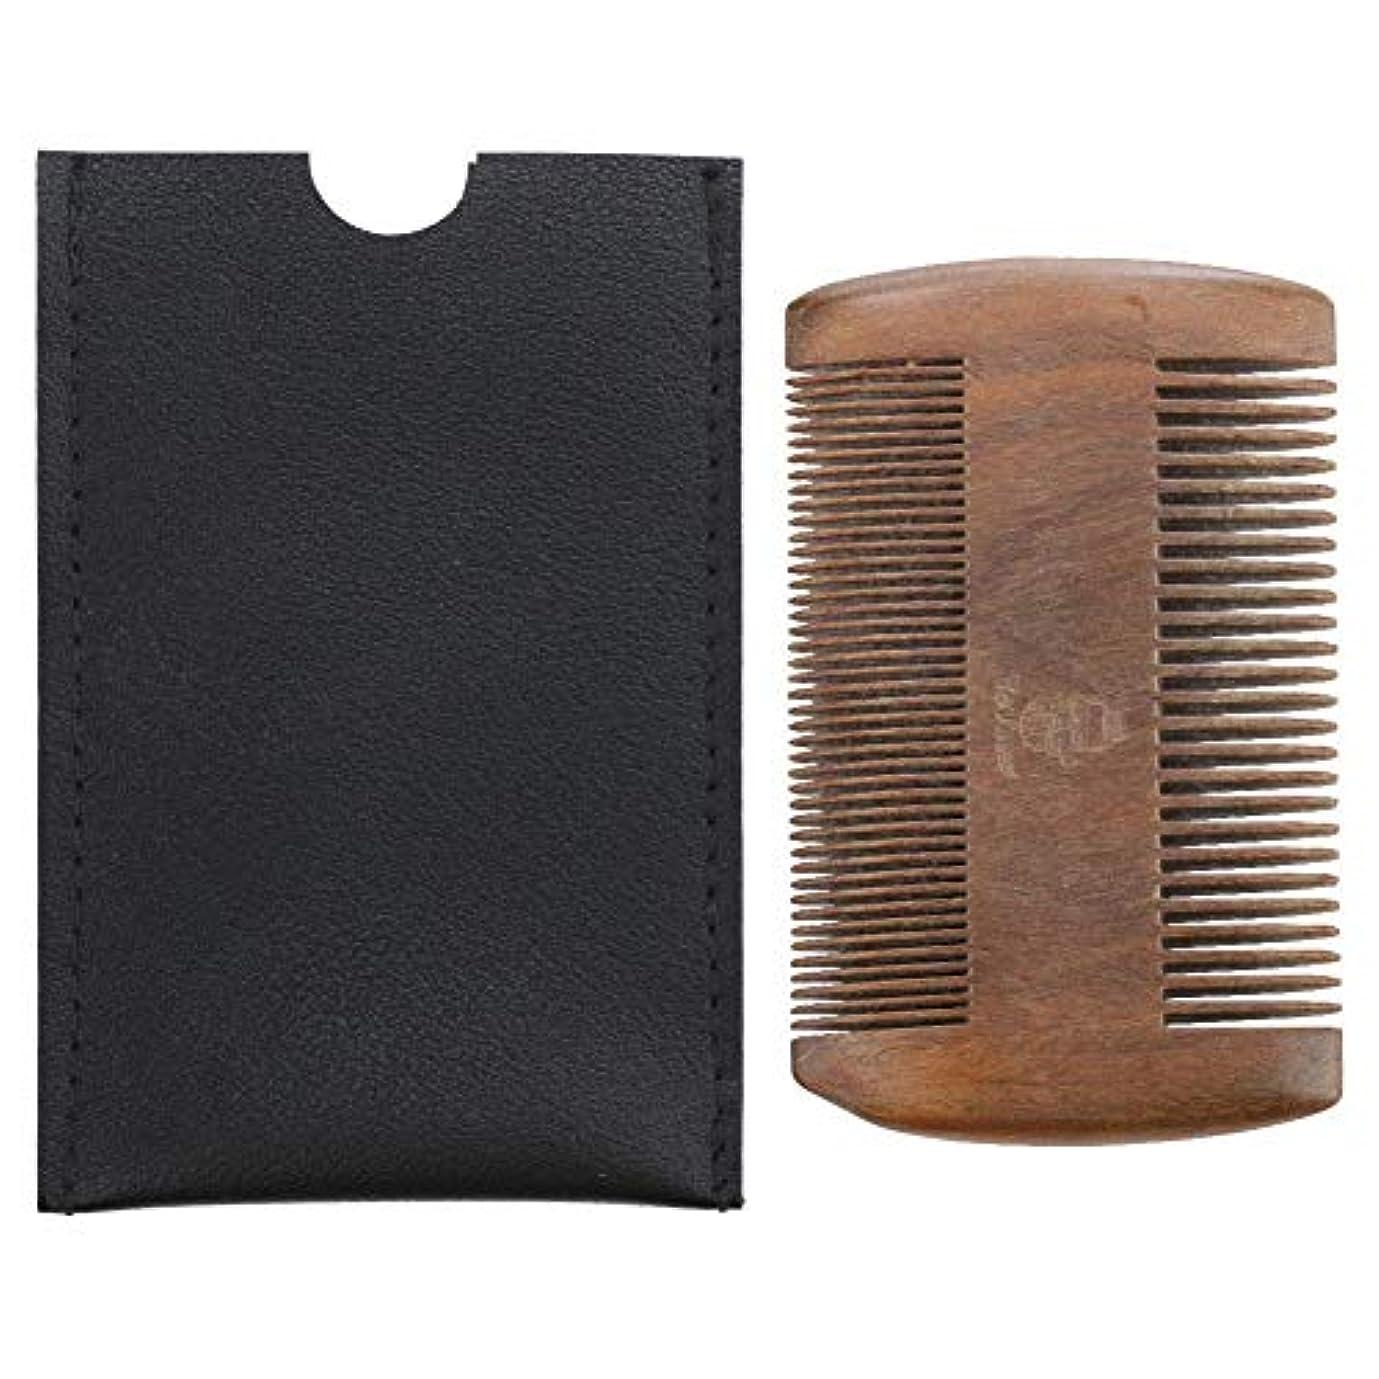 衣服主婦からに変化する木製口ひげ静電気防止シェーパースタイリングくし